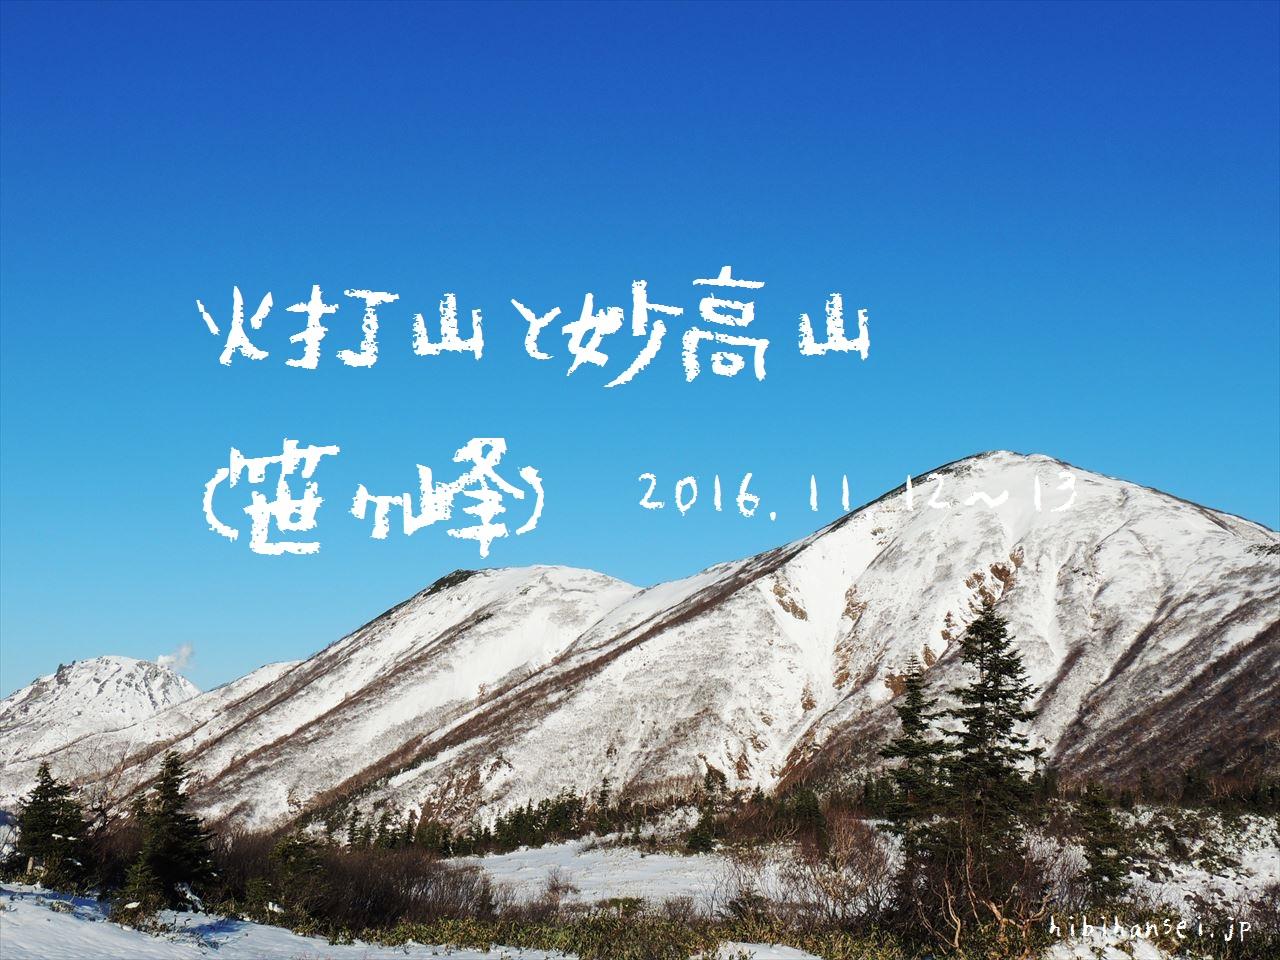 火打山と妙高山 雪山登山(笹ヶ峰) 2つの名峰を漂泊する旅 避難小屋泊(2016.11.12)